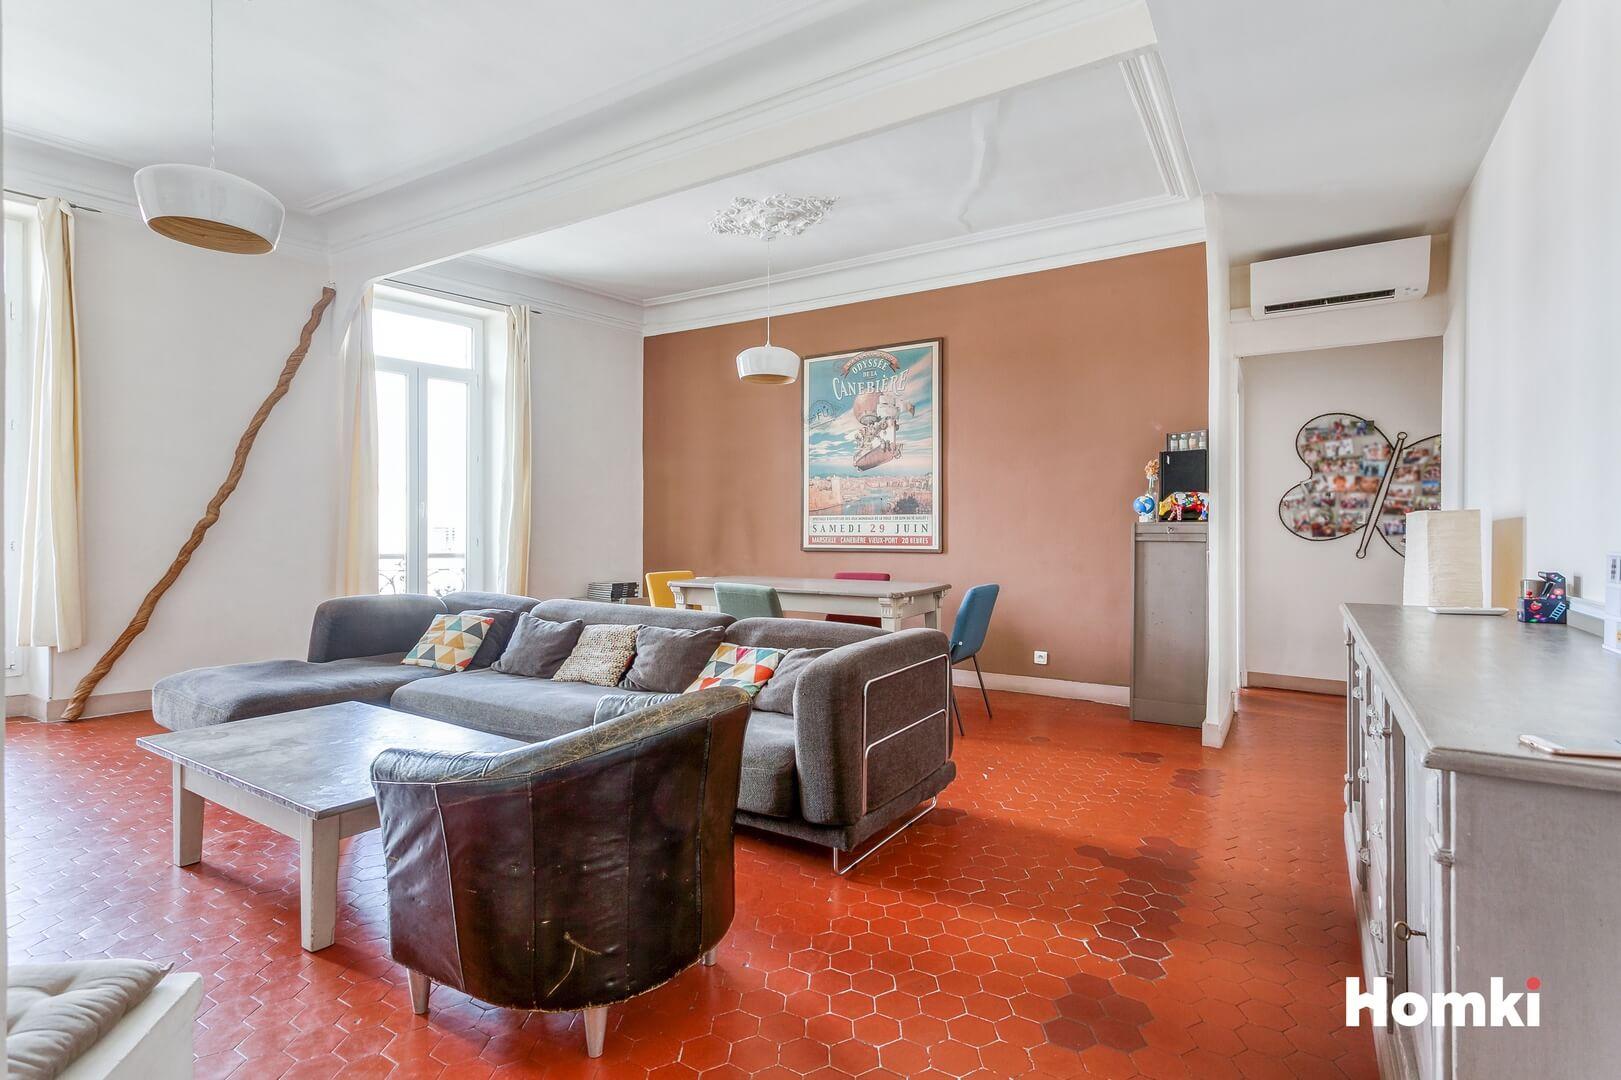 Homki - Vente Appartement  de 93.0 m² à Marseille 13010